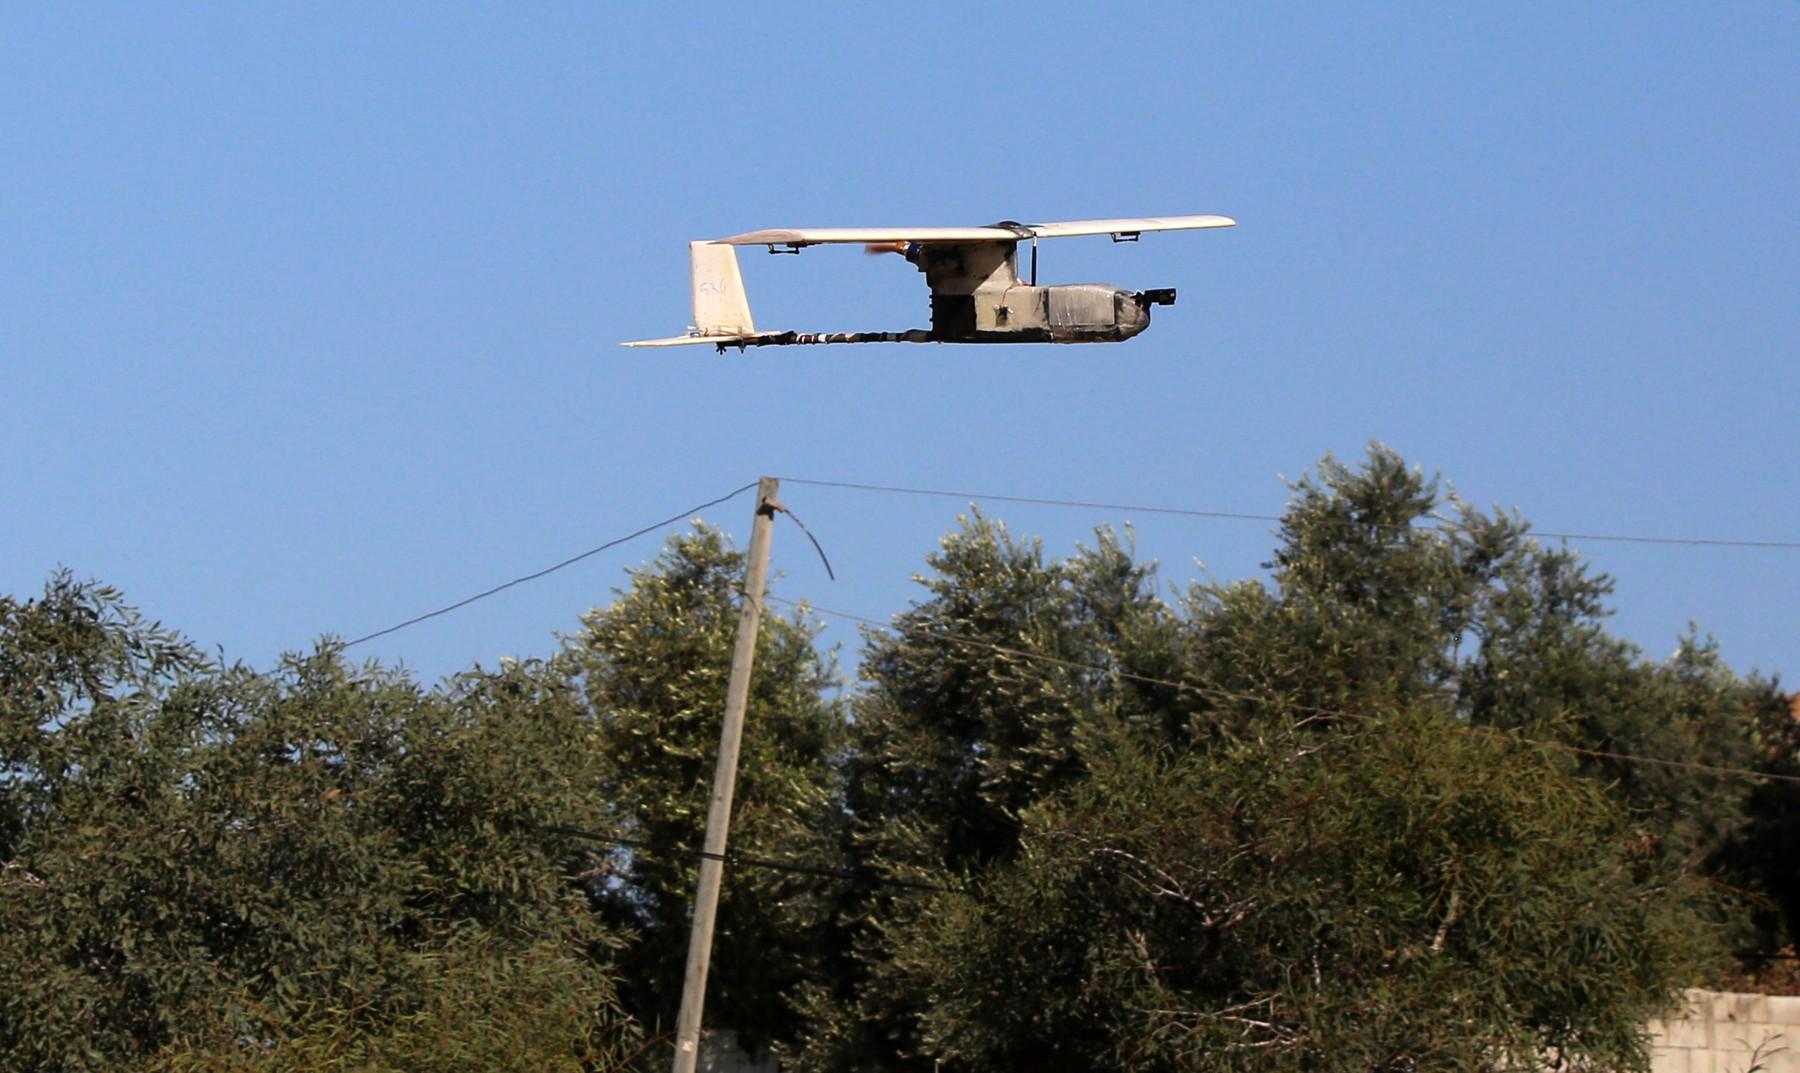 Atac cu drone, în Israel. Armata israeliană a doborât aparatul de zbor lansat de Hamas, din Fâşia(...)